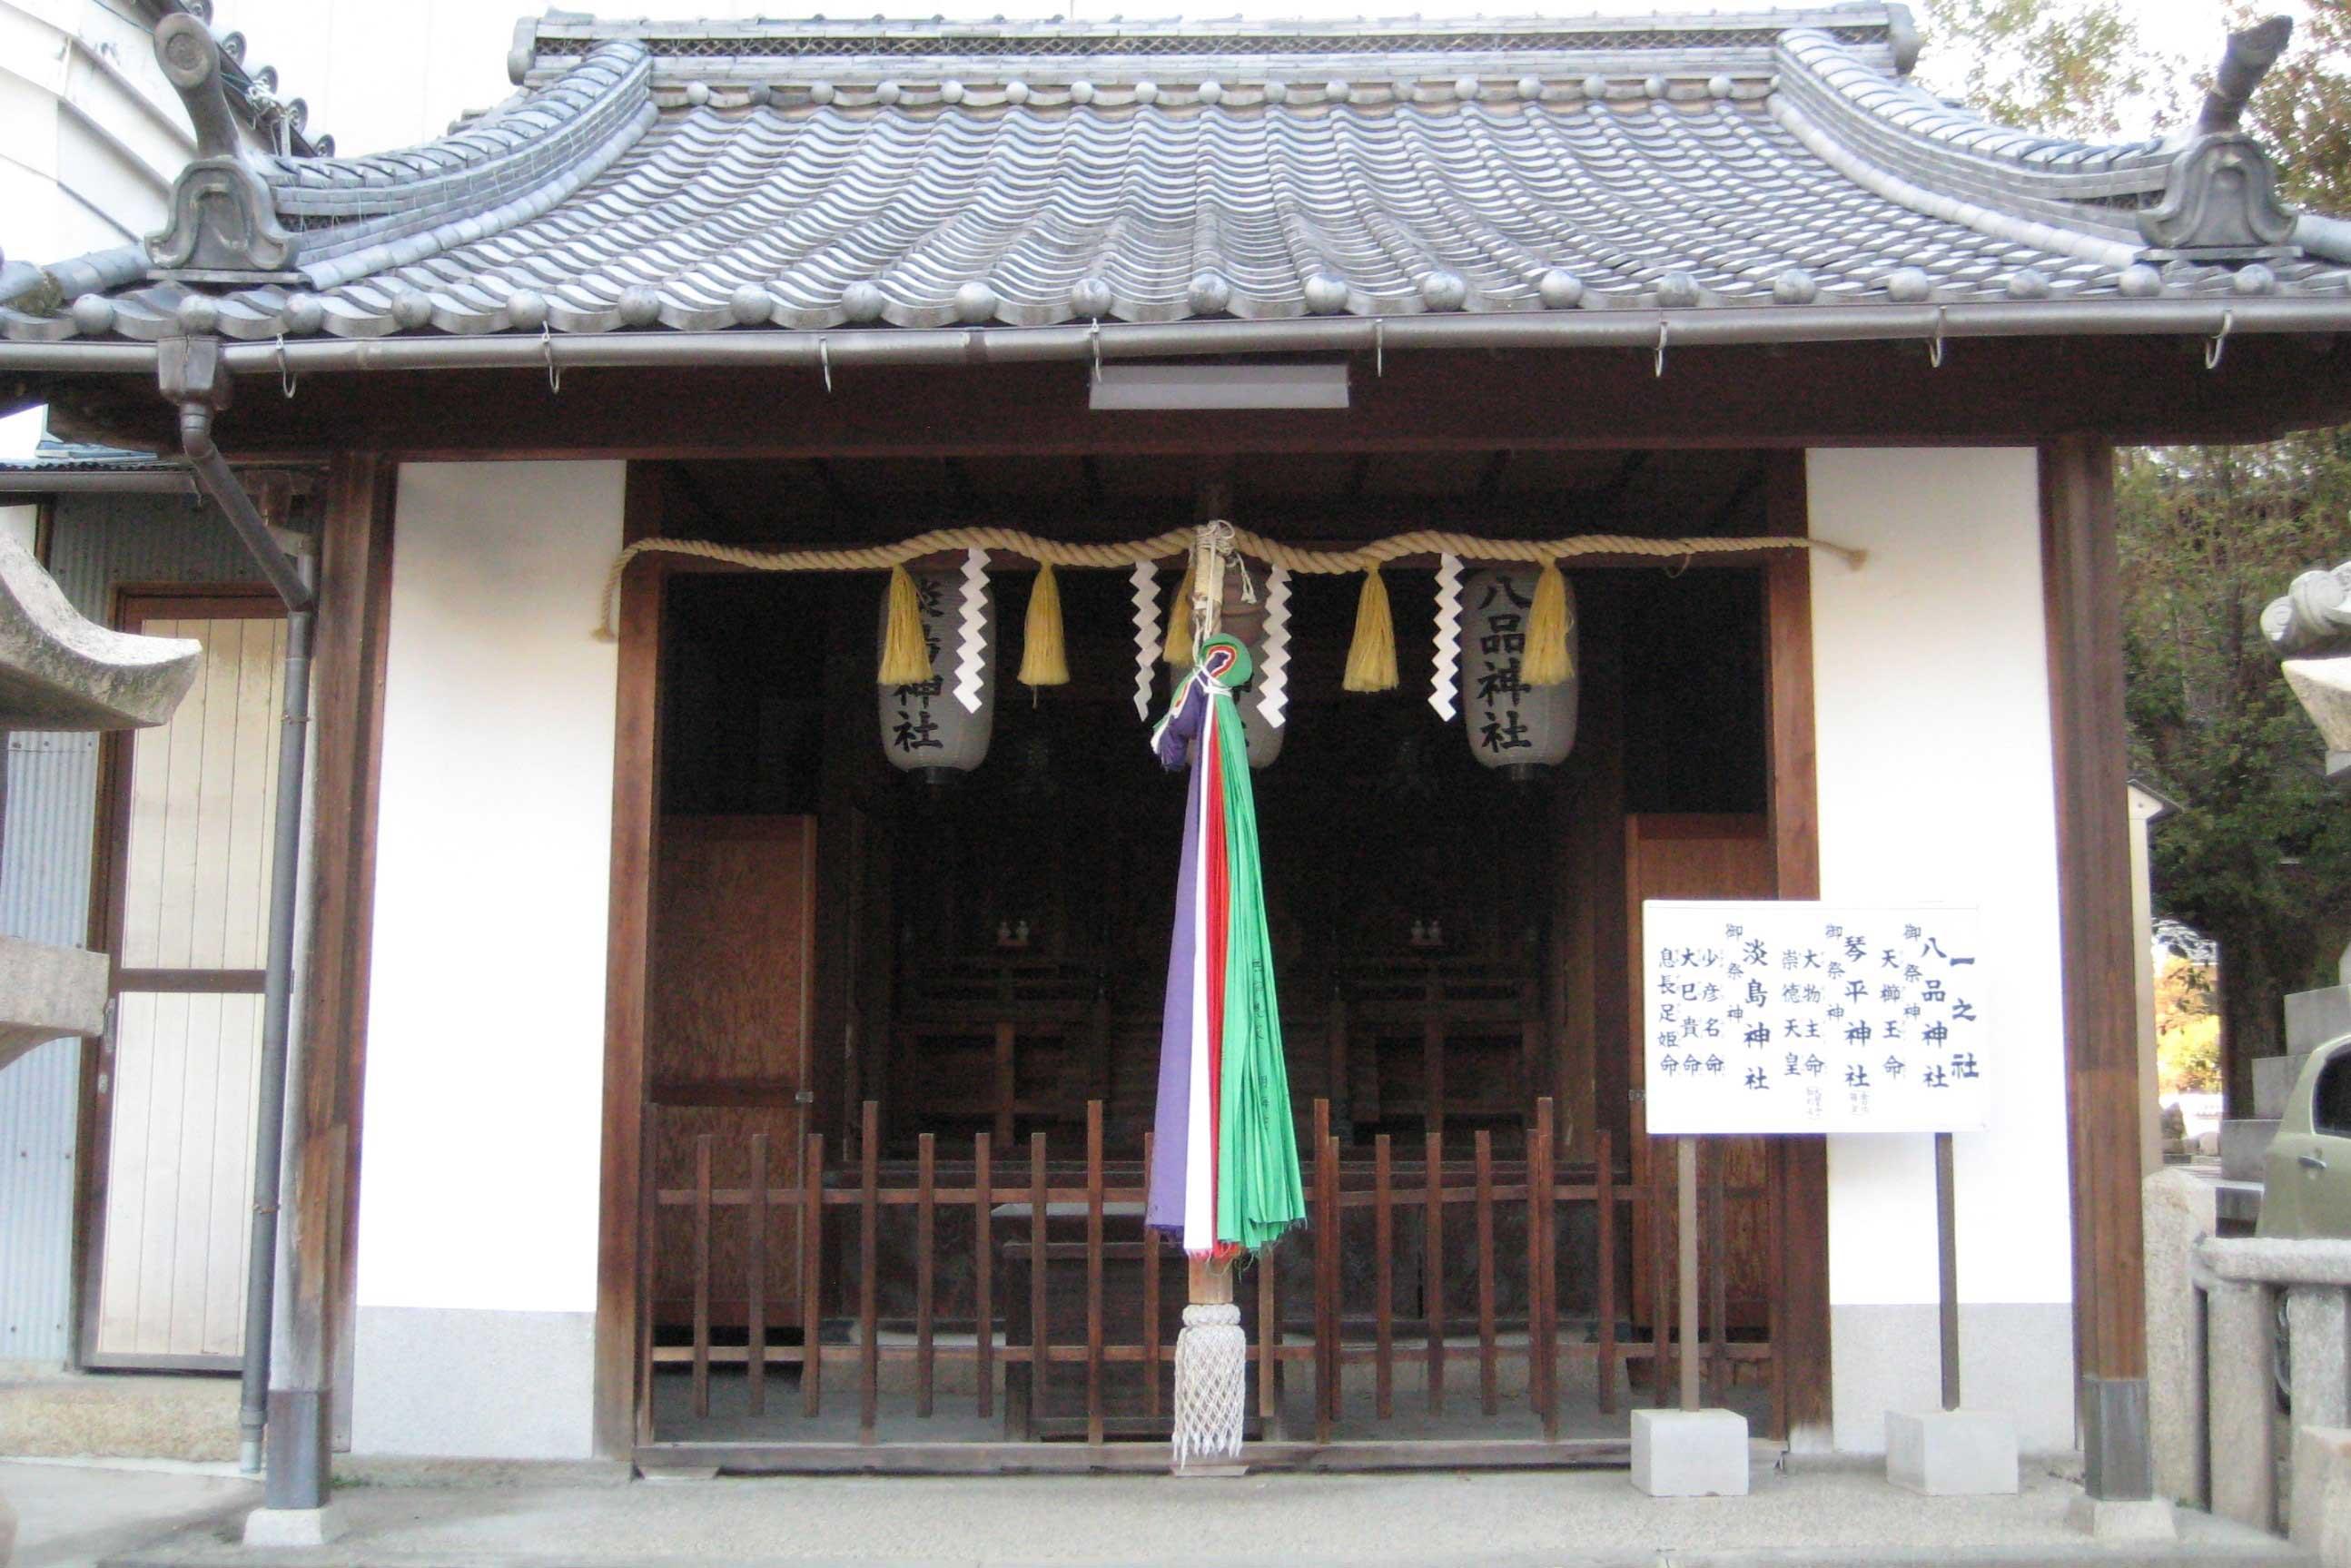 <p>一之社本殿</p>開間4.8m進深5.8m的木結構平房建築。内部方2.9m,後半部分設壇,壇上建三間社式神殿。